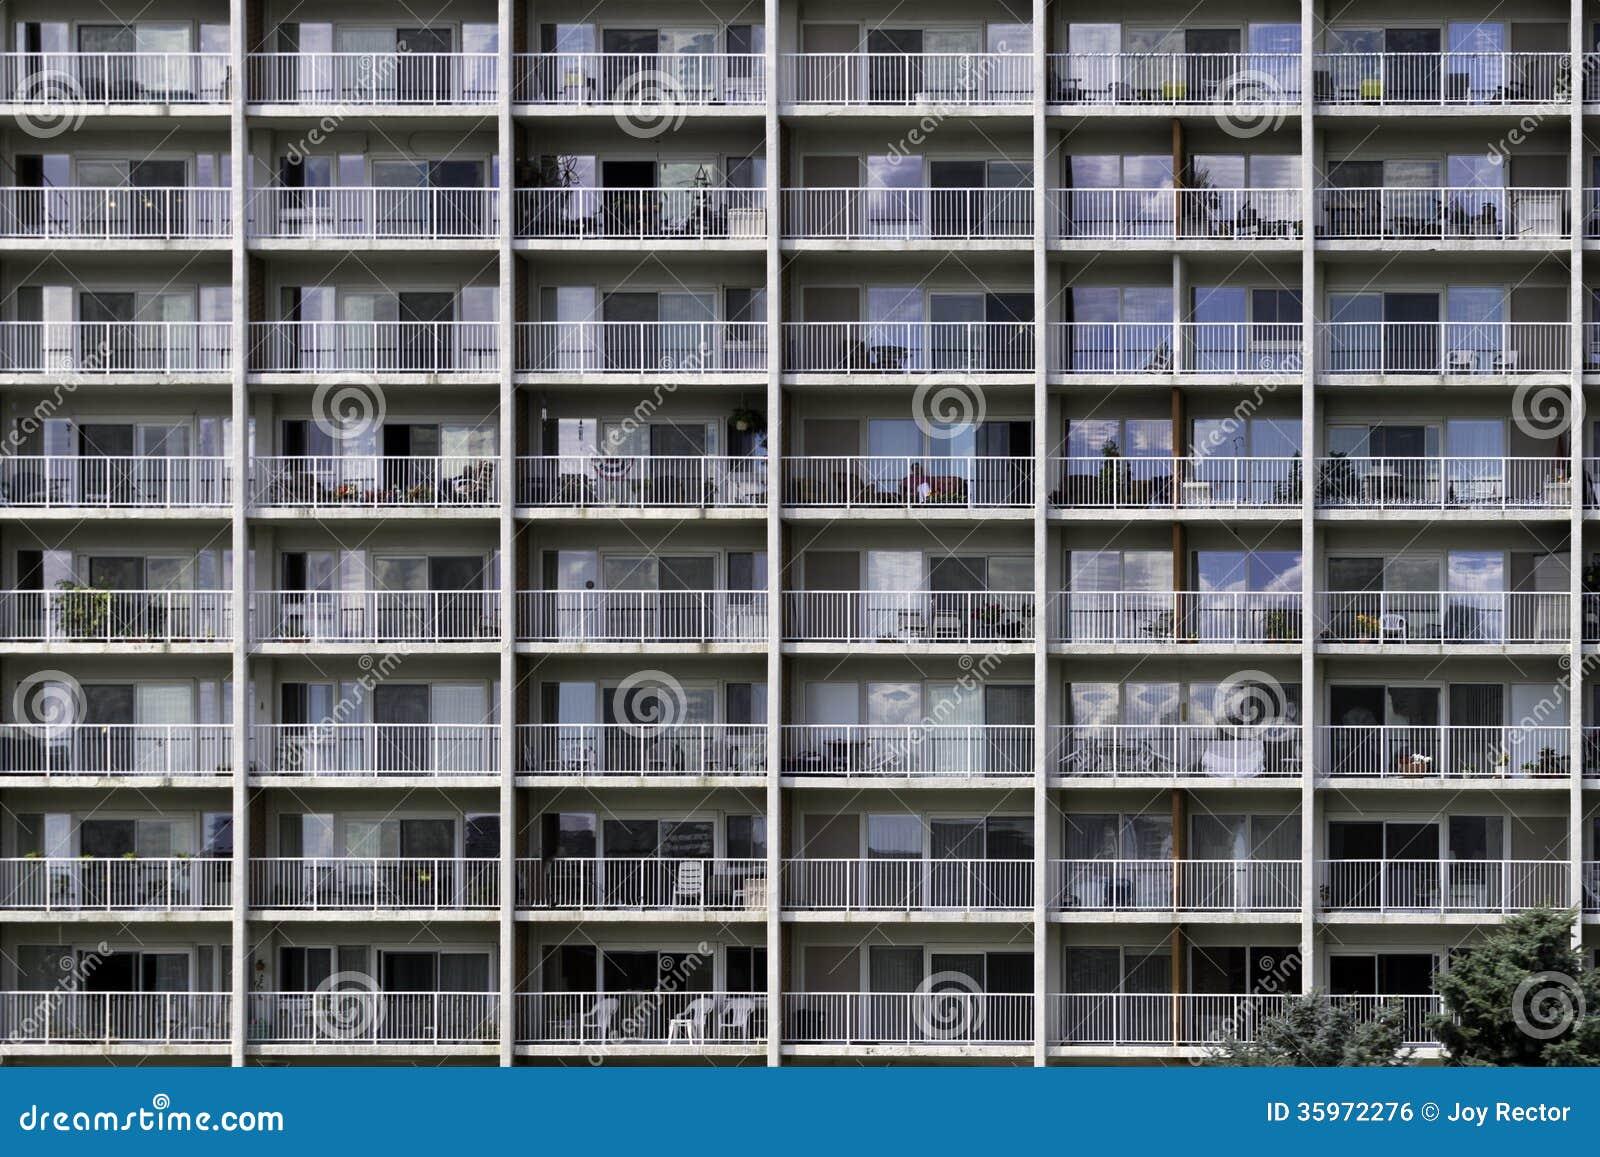 Pared de balcones